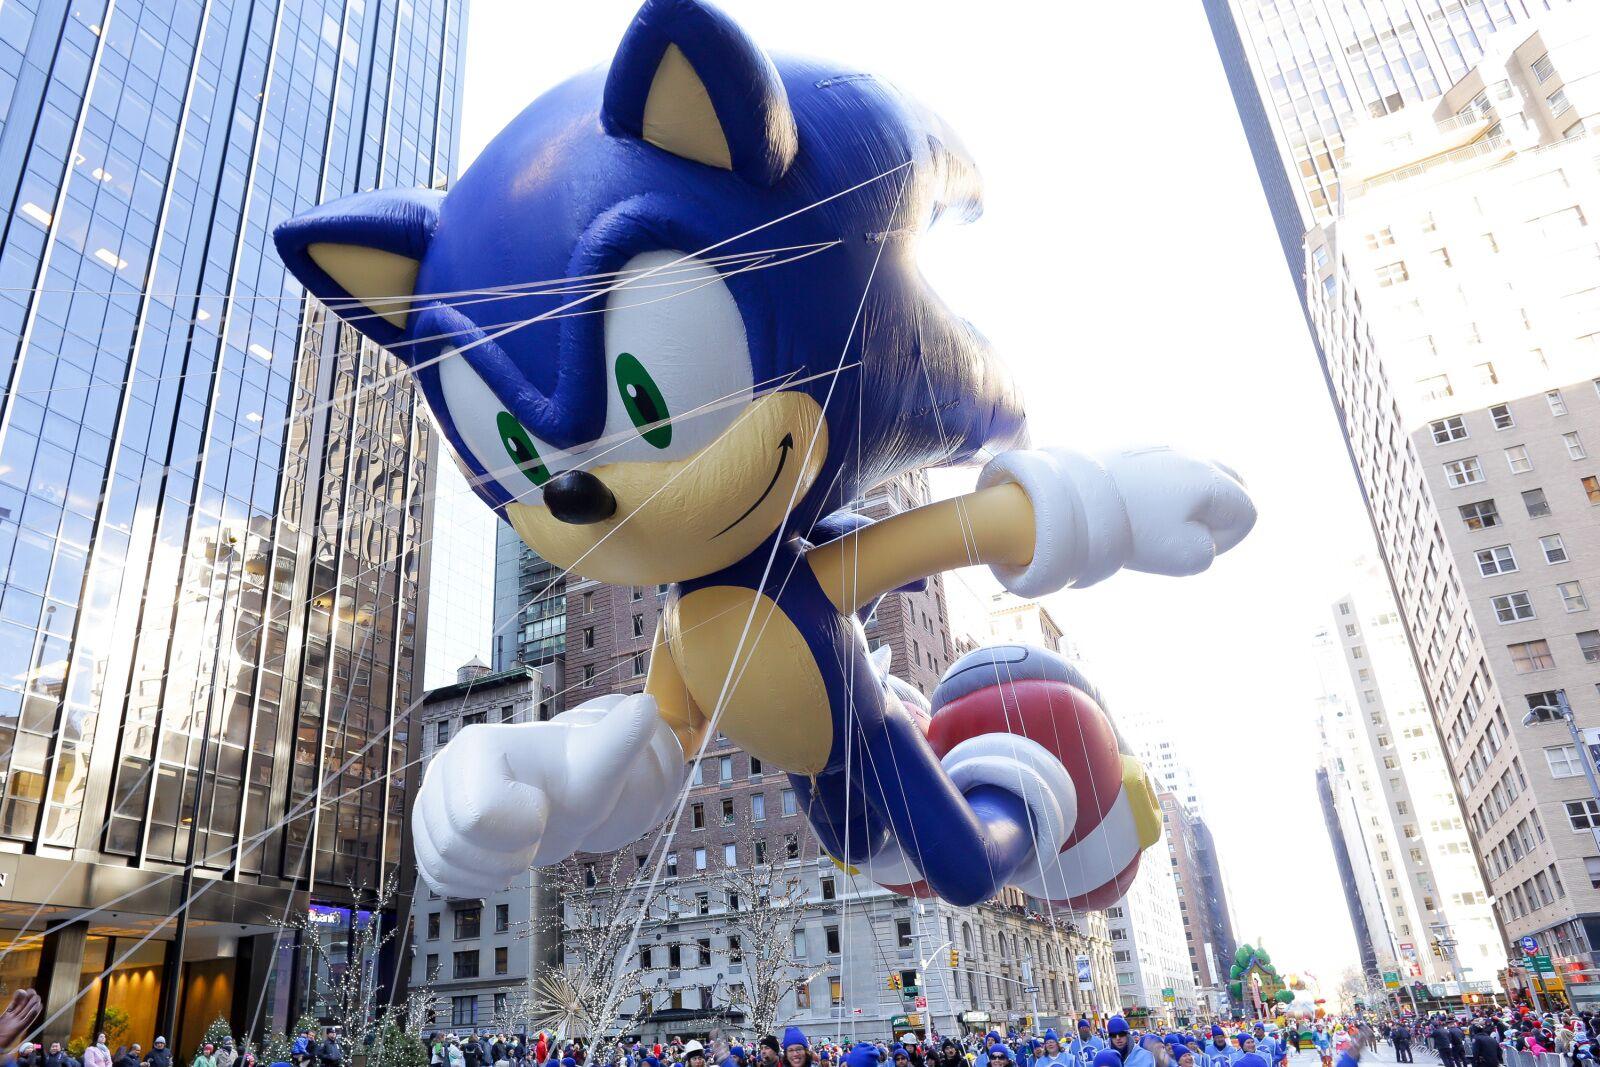 Conan O'Brien reveals shocking Sonic the Hedgehog redesign